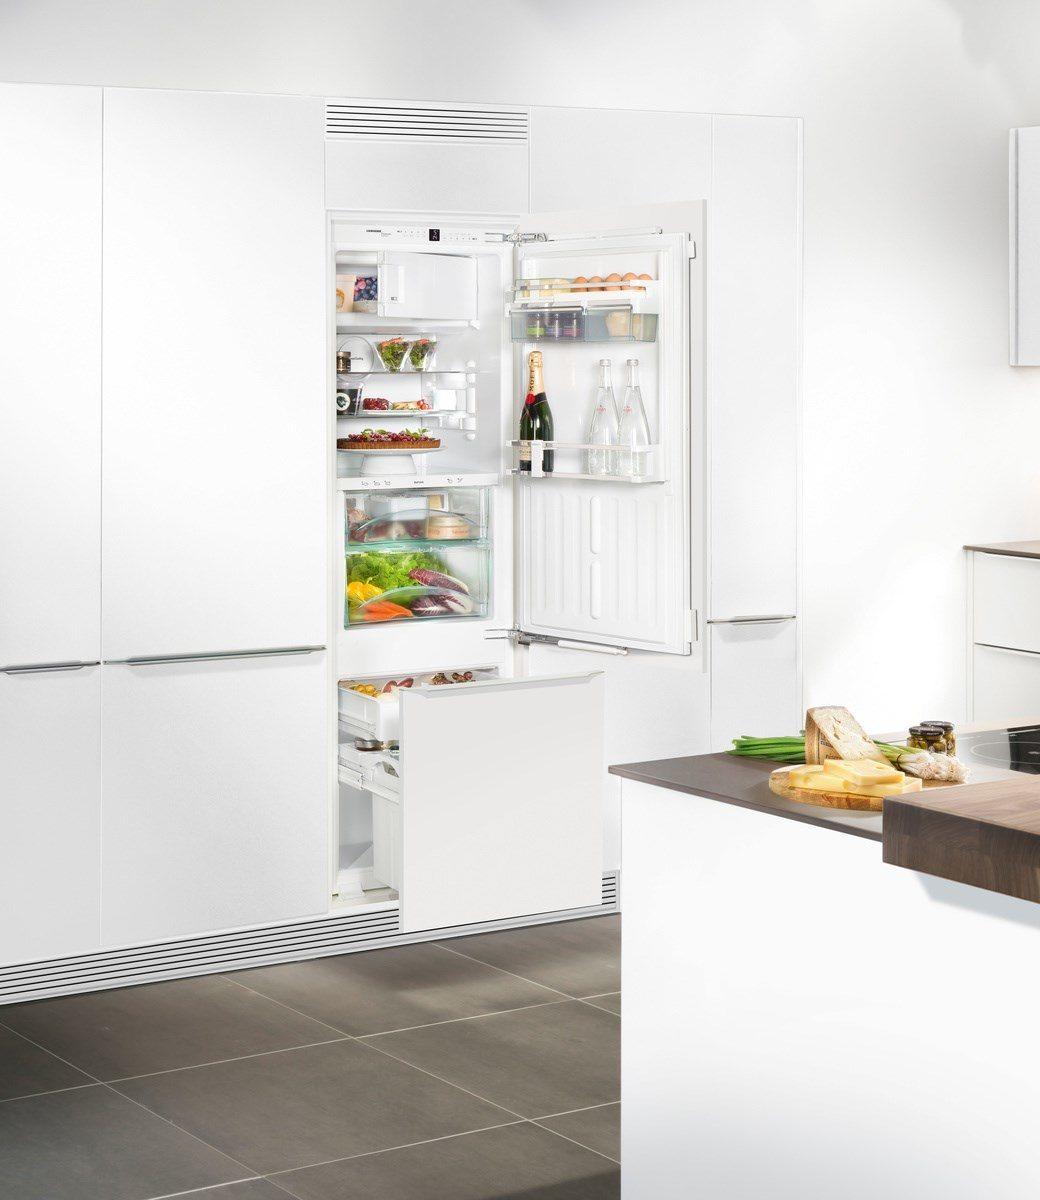 Liebherr Kühlschrank mit Kellerfach; Foto: Liebherr